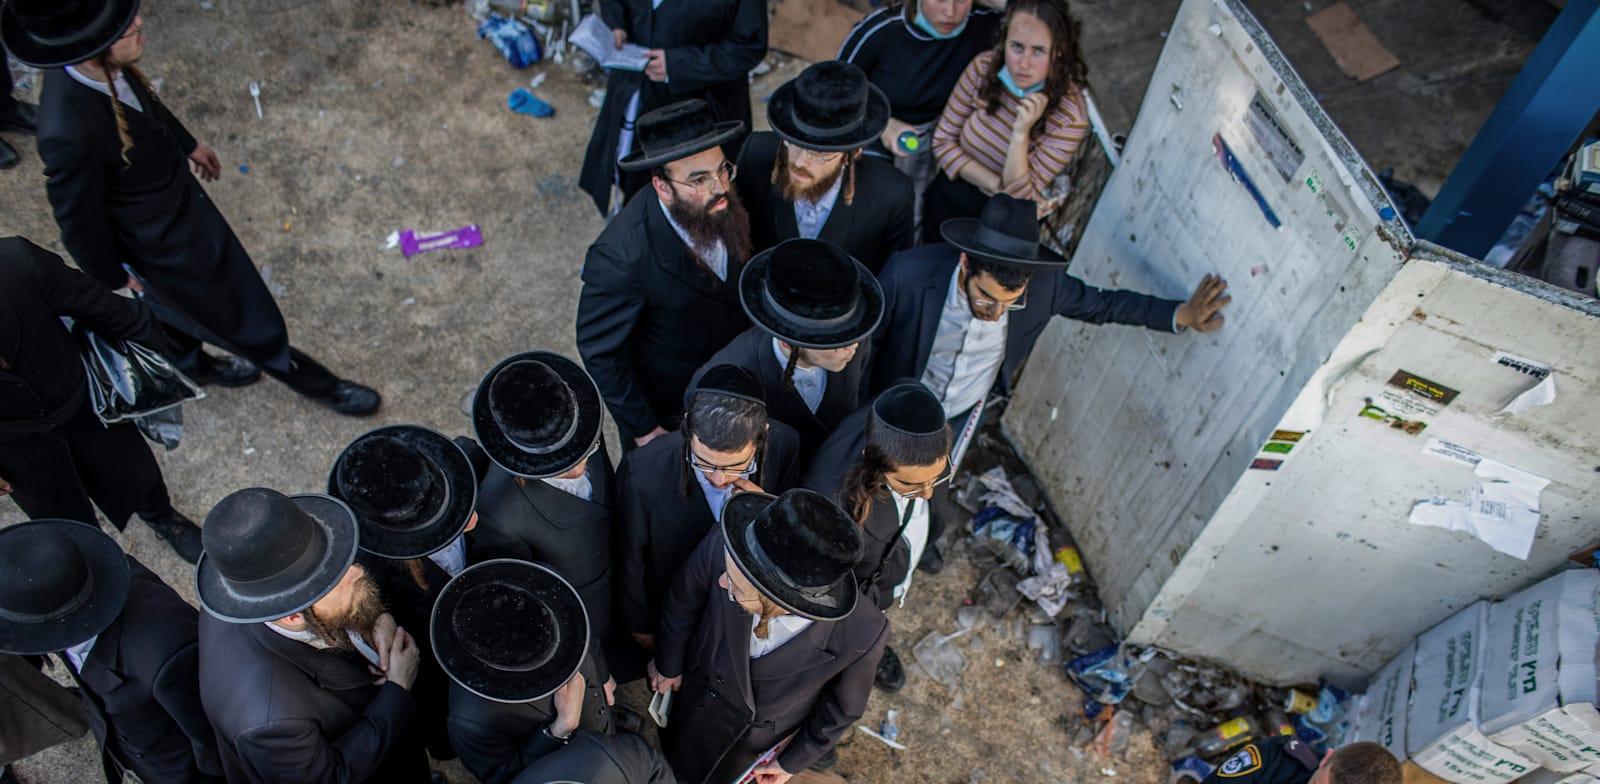 אזור האסון בהר מירון / צילום: Reuters, Ilia Yefimovich